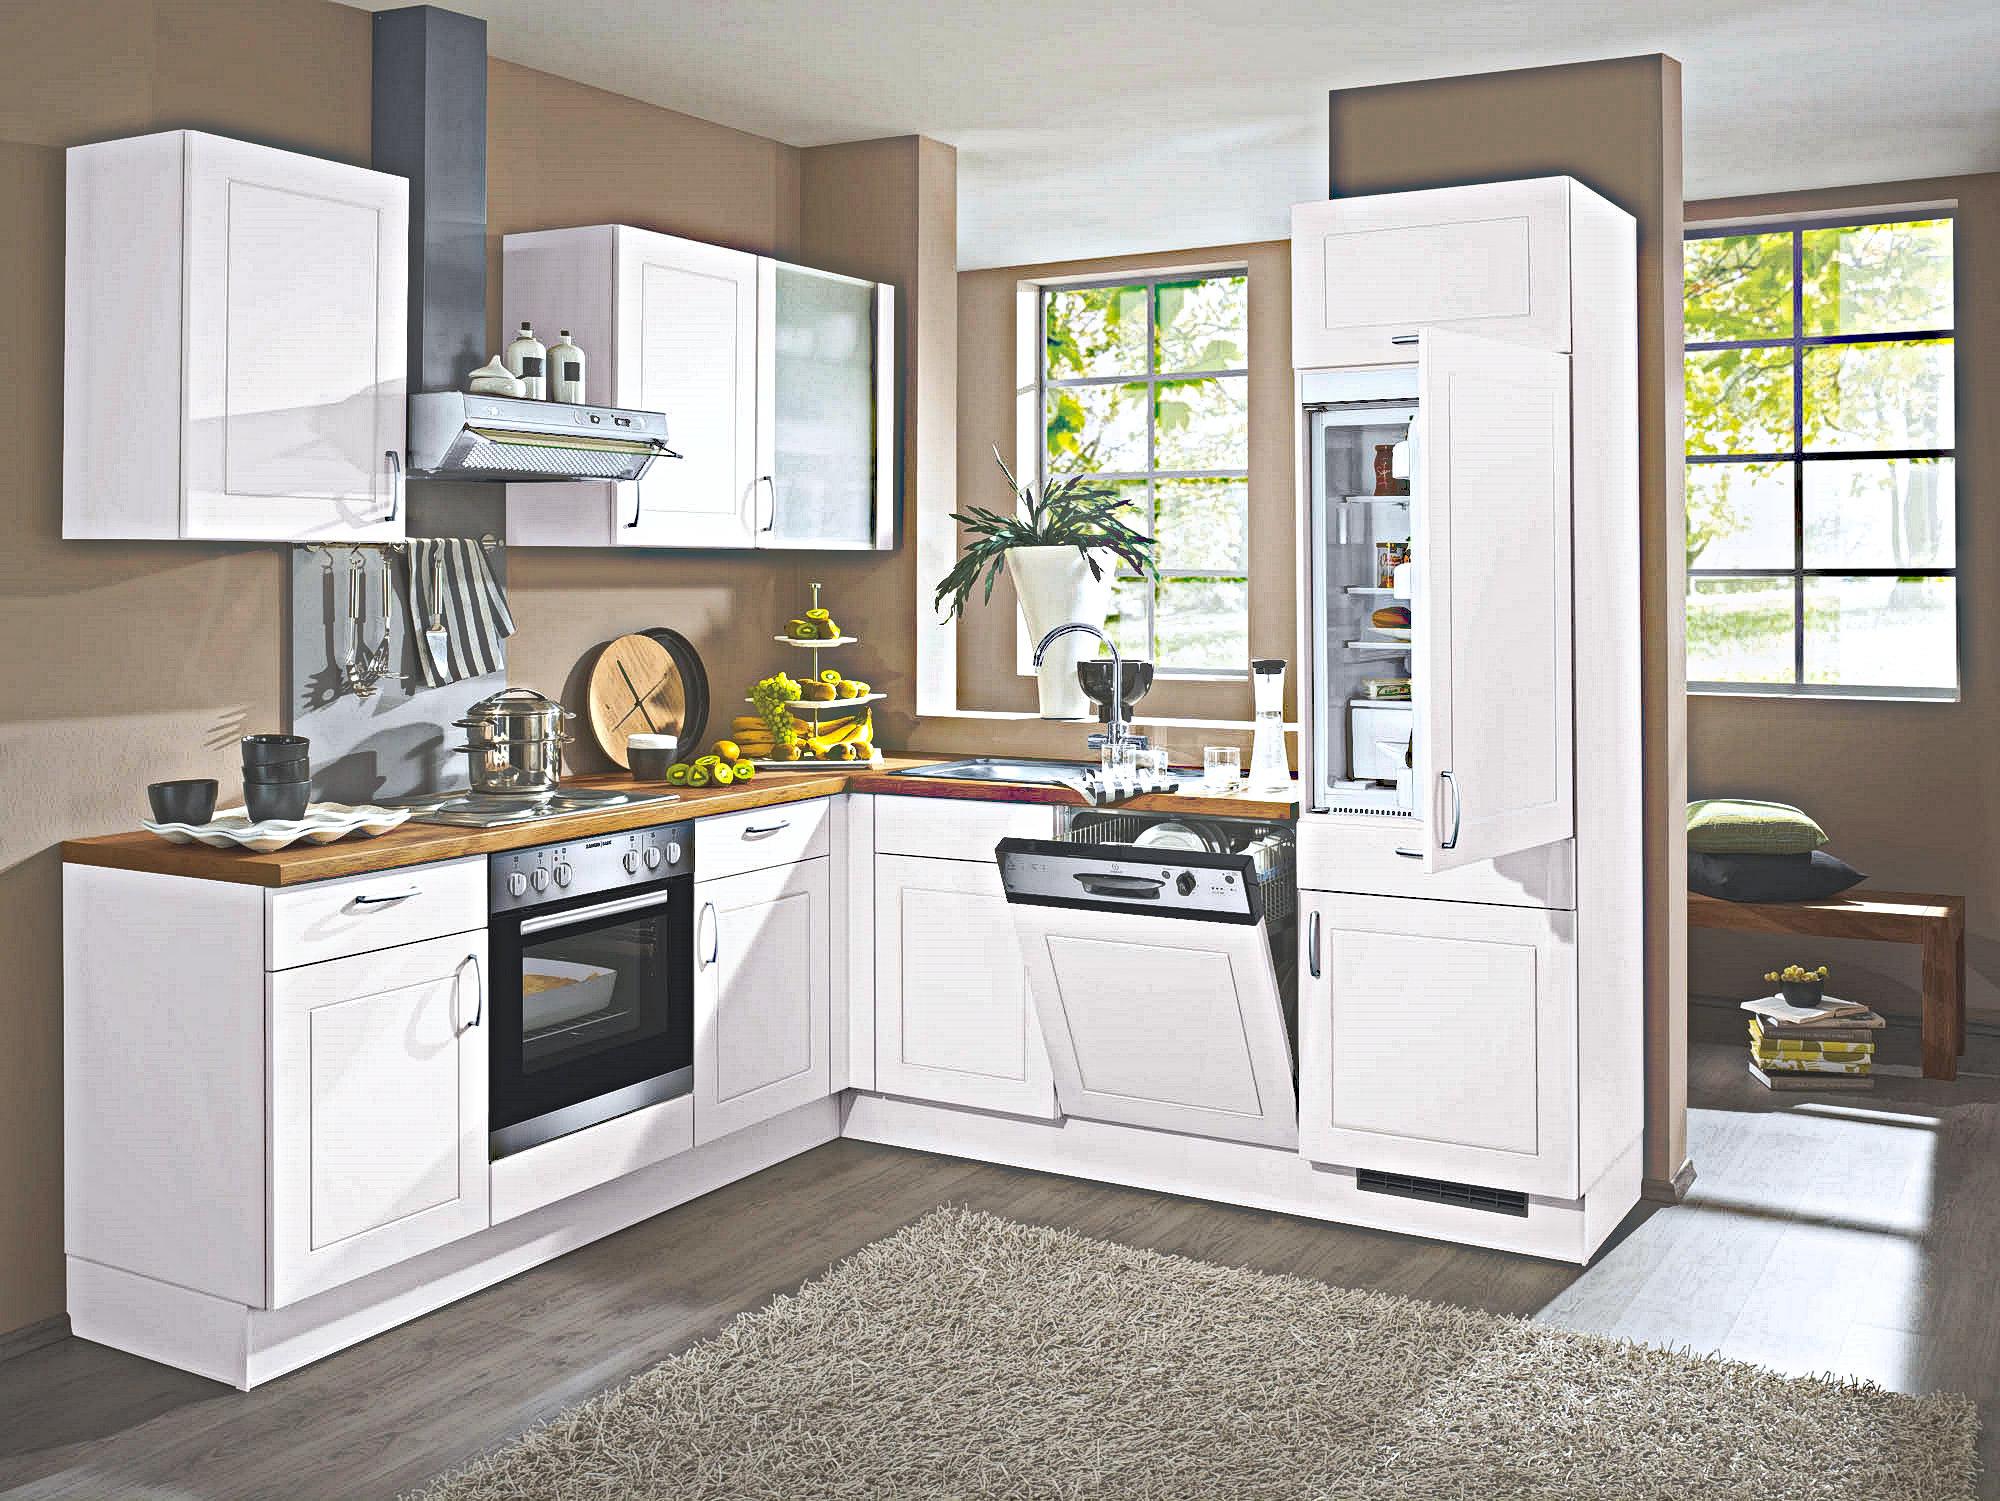 Full Size of Nolte Kche Farbe Magnolia Ihre Neue Aus Der Kchenbrse24 Wohnzimmer Magnolia Farbe